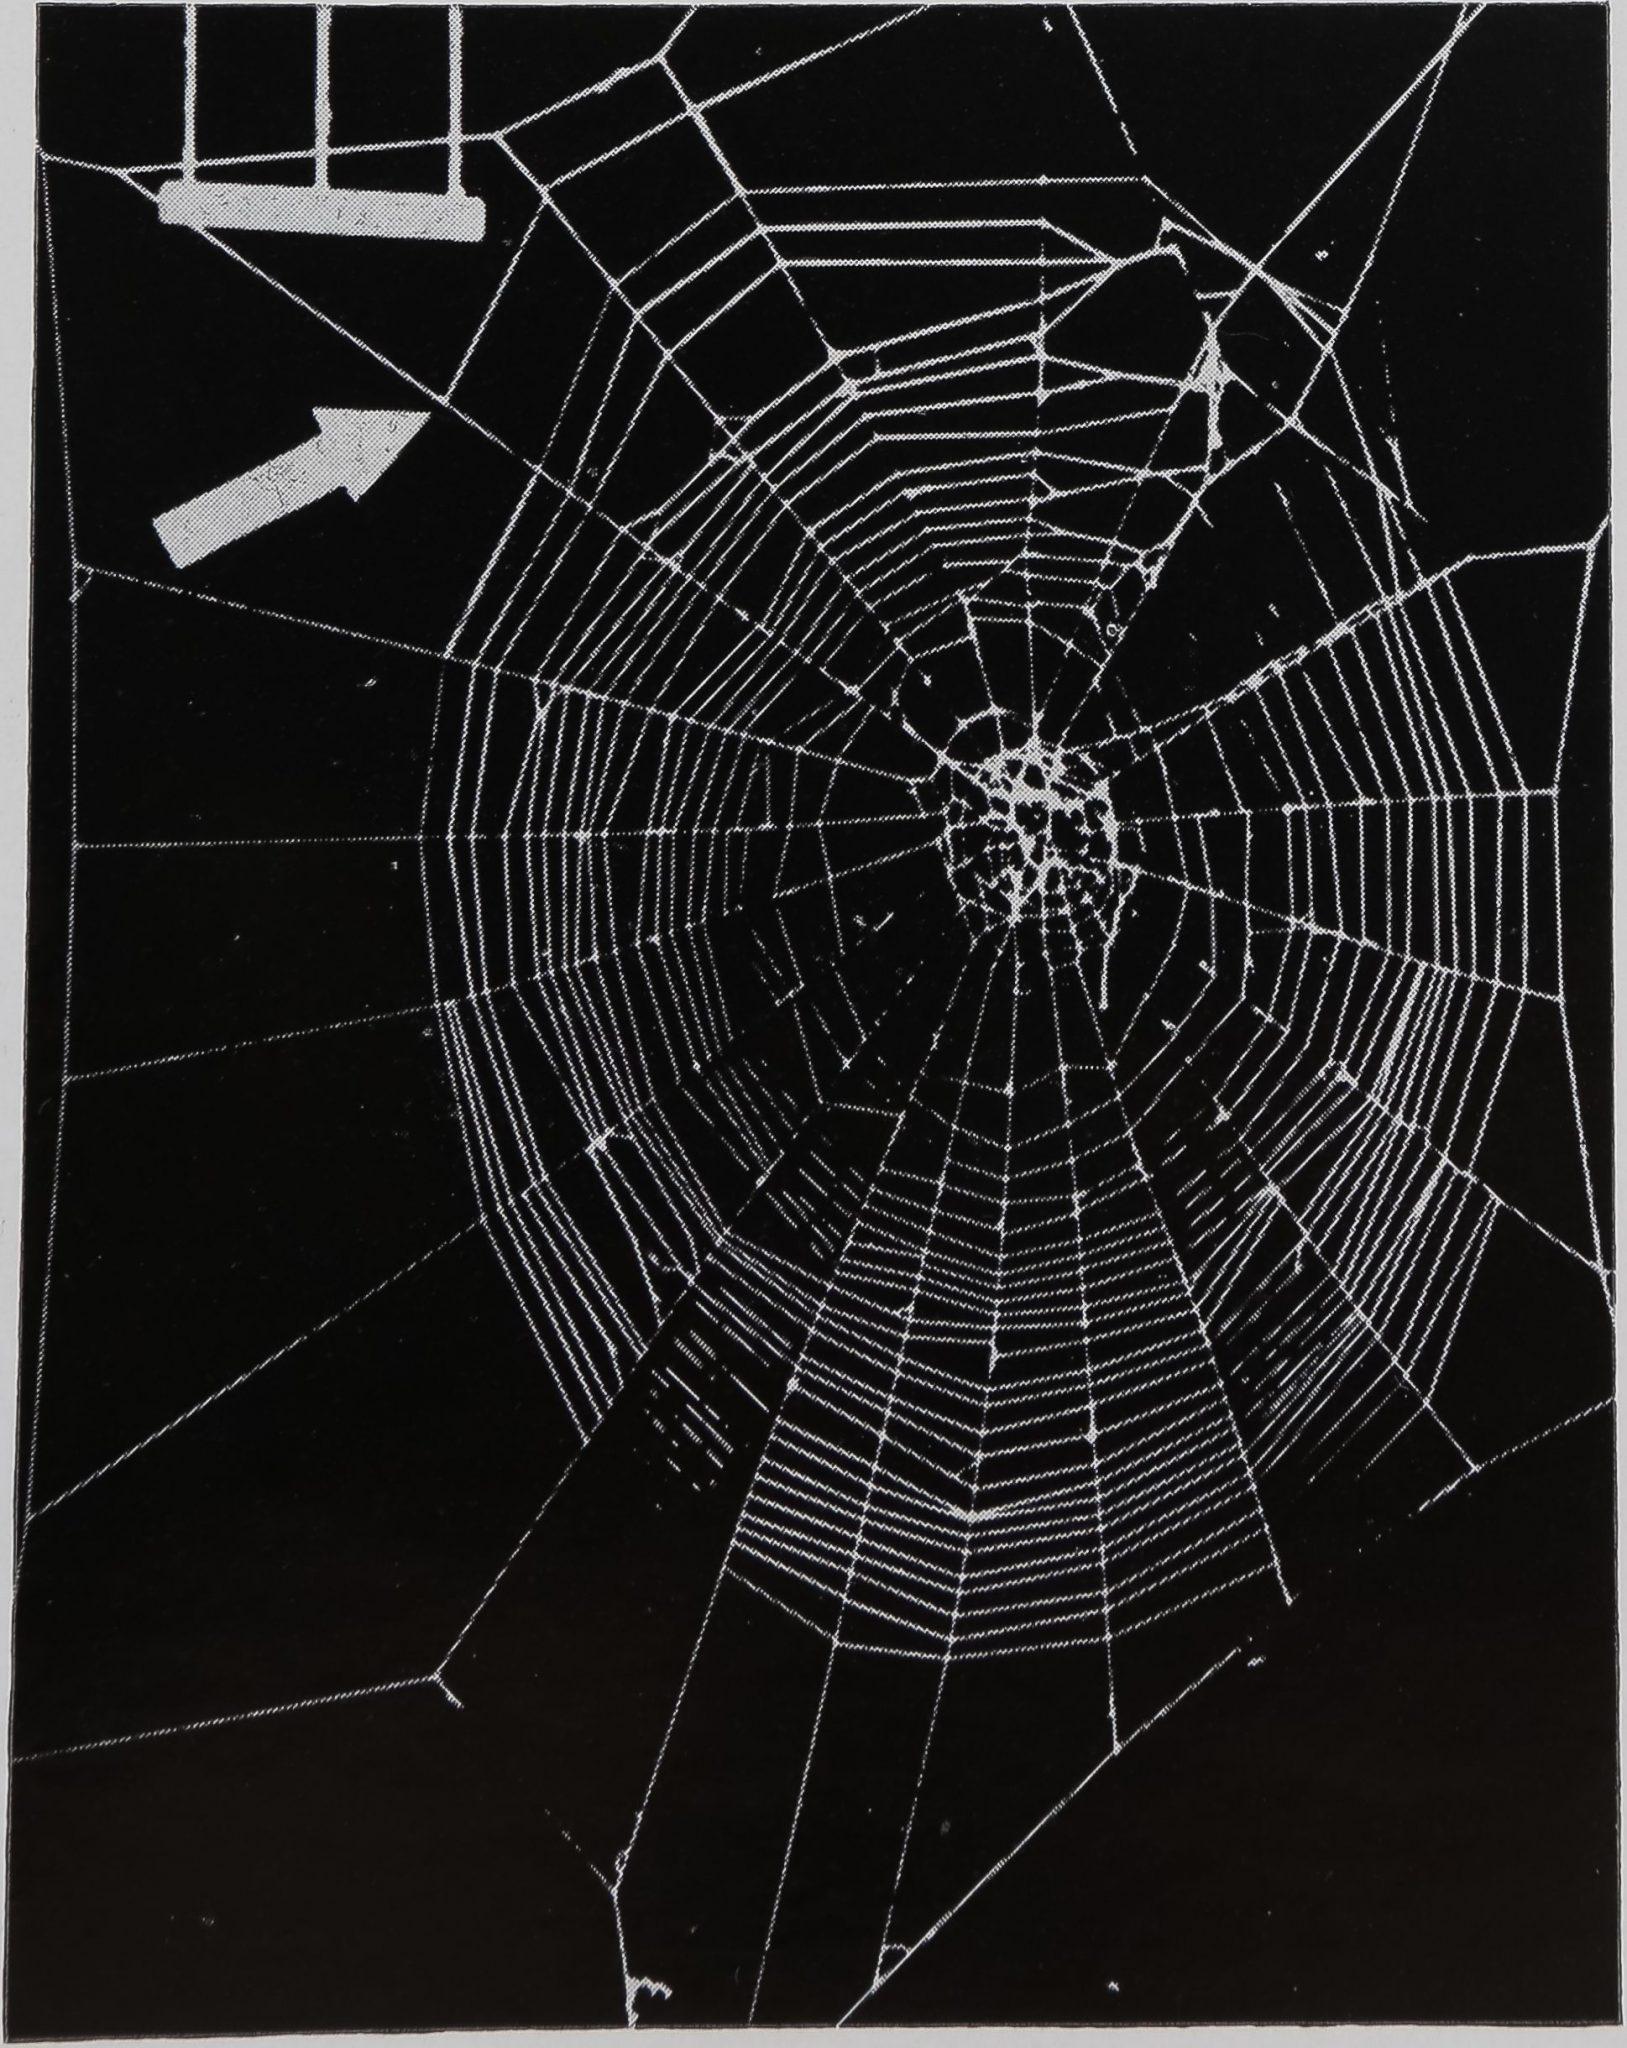 1970-AnimalBehaviourOrbWeb-6